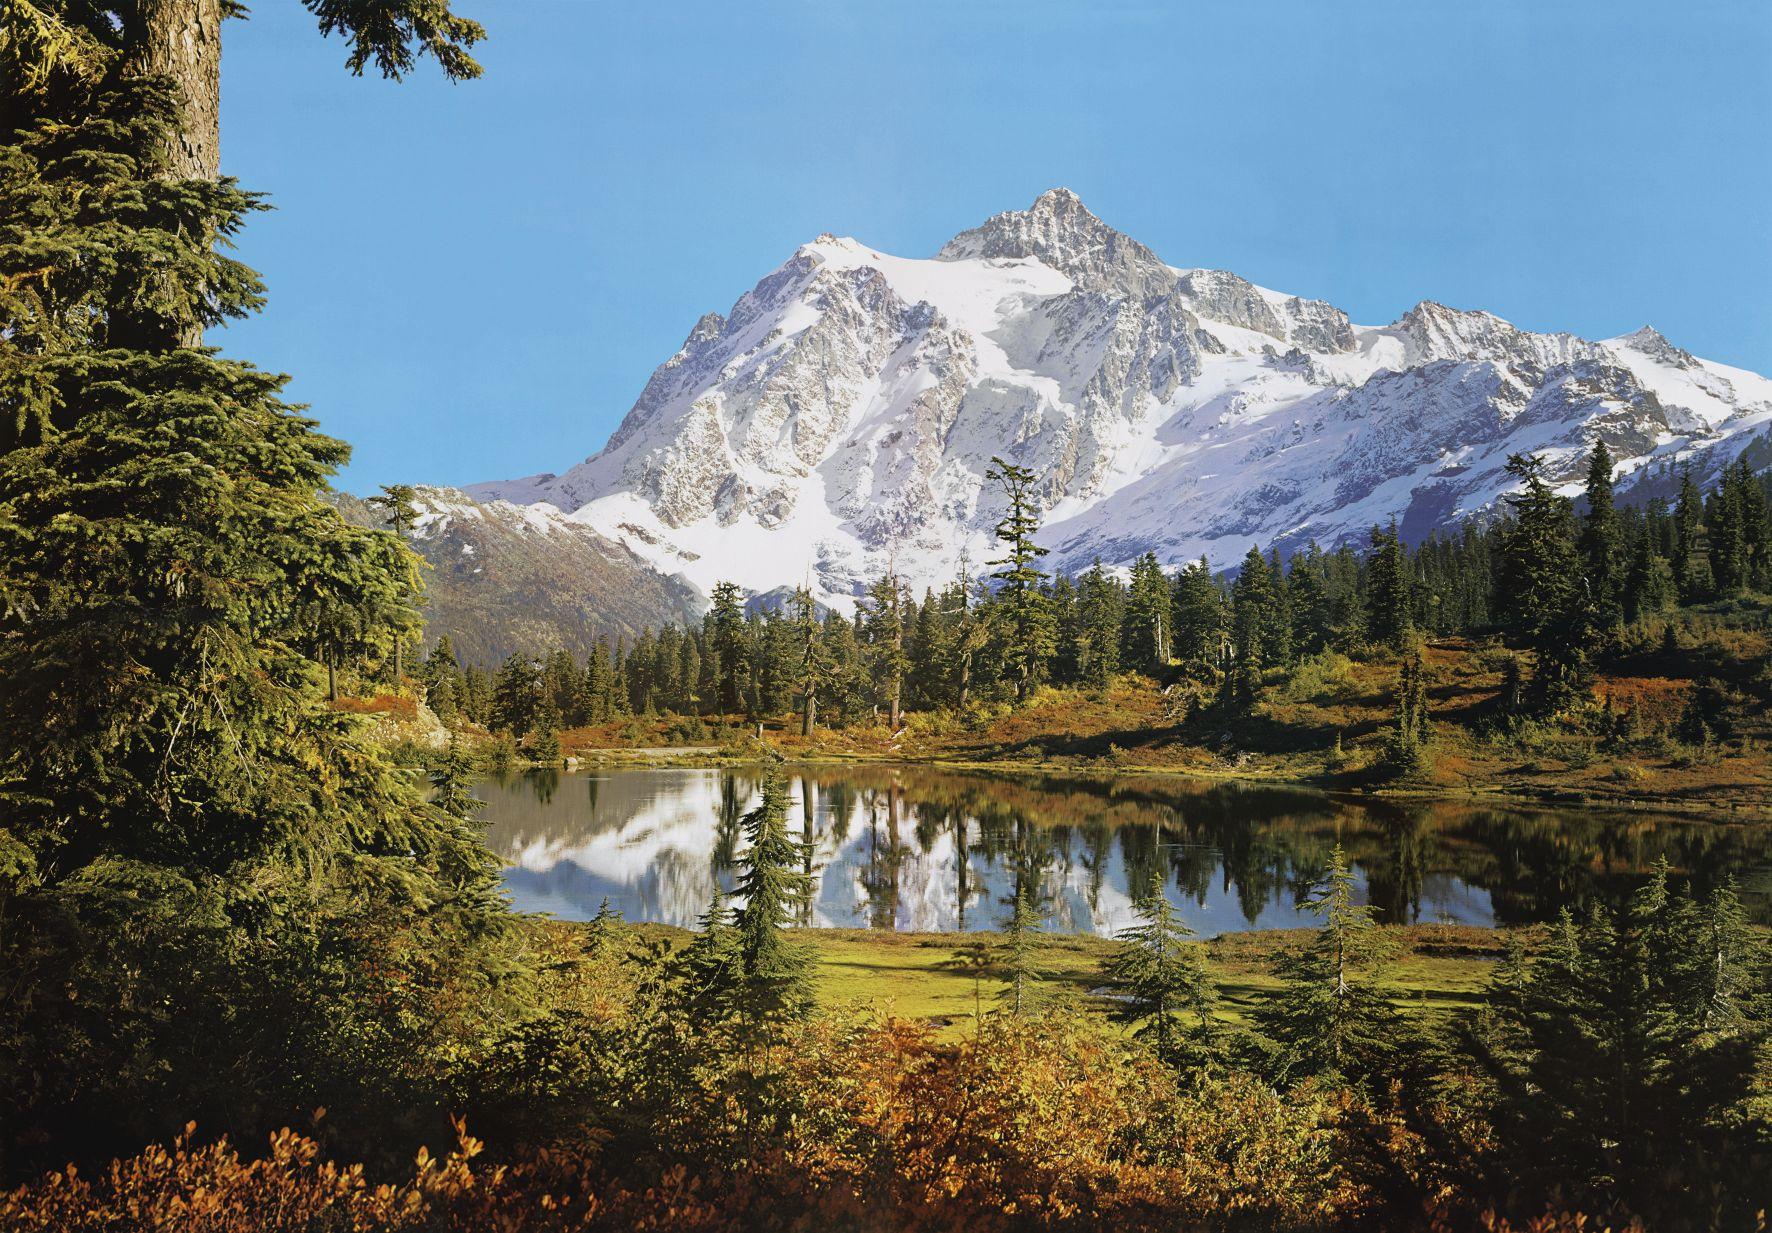 Fototapete 'Rocky Mountains' von Komar. Wald und Berge Größe 388 x 270 cm.